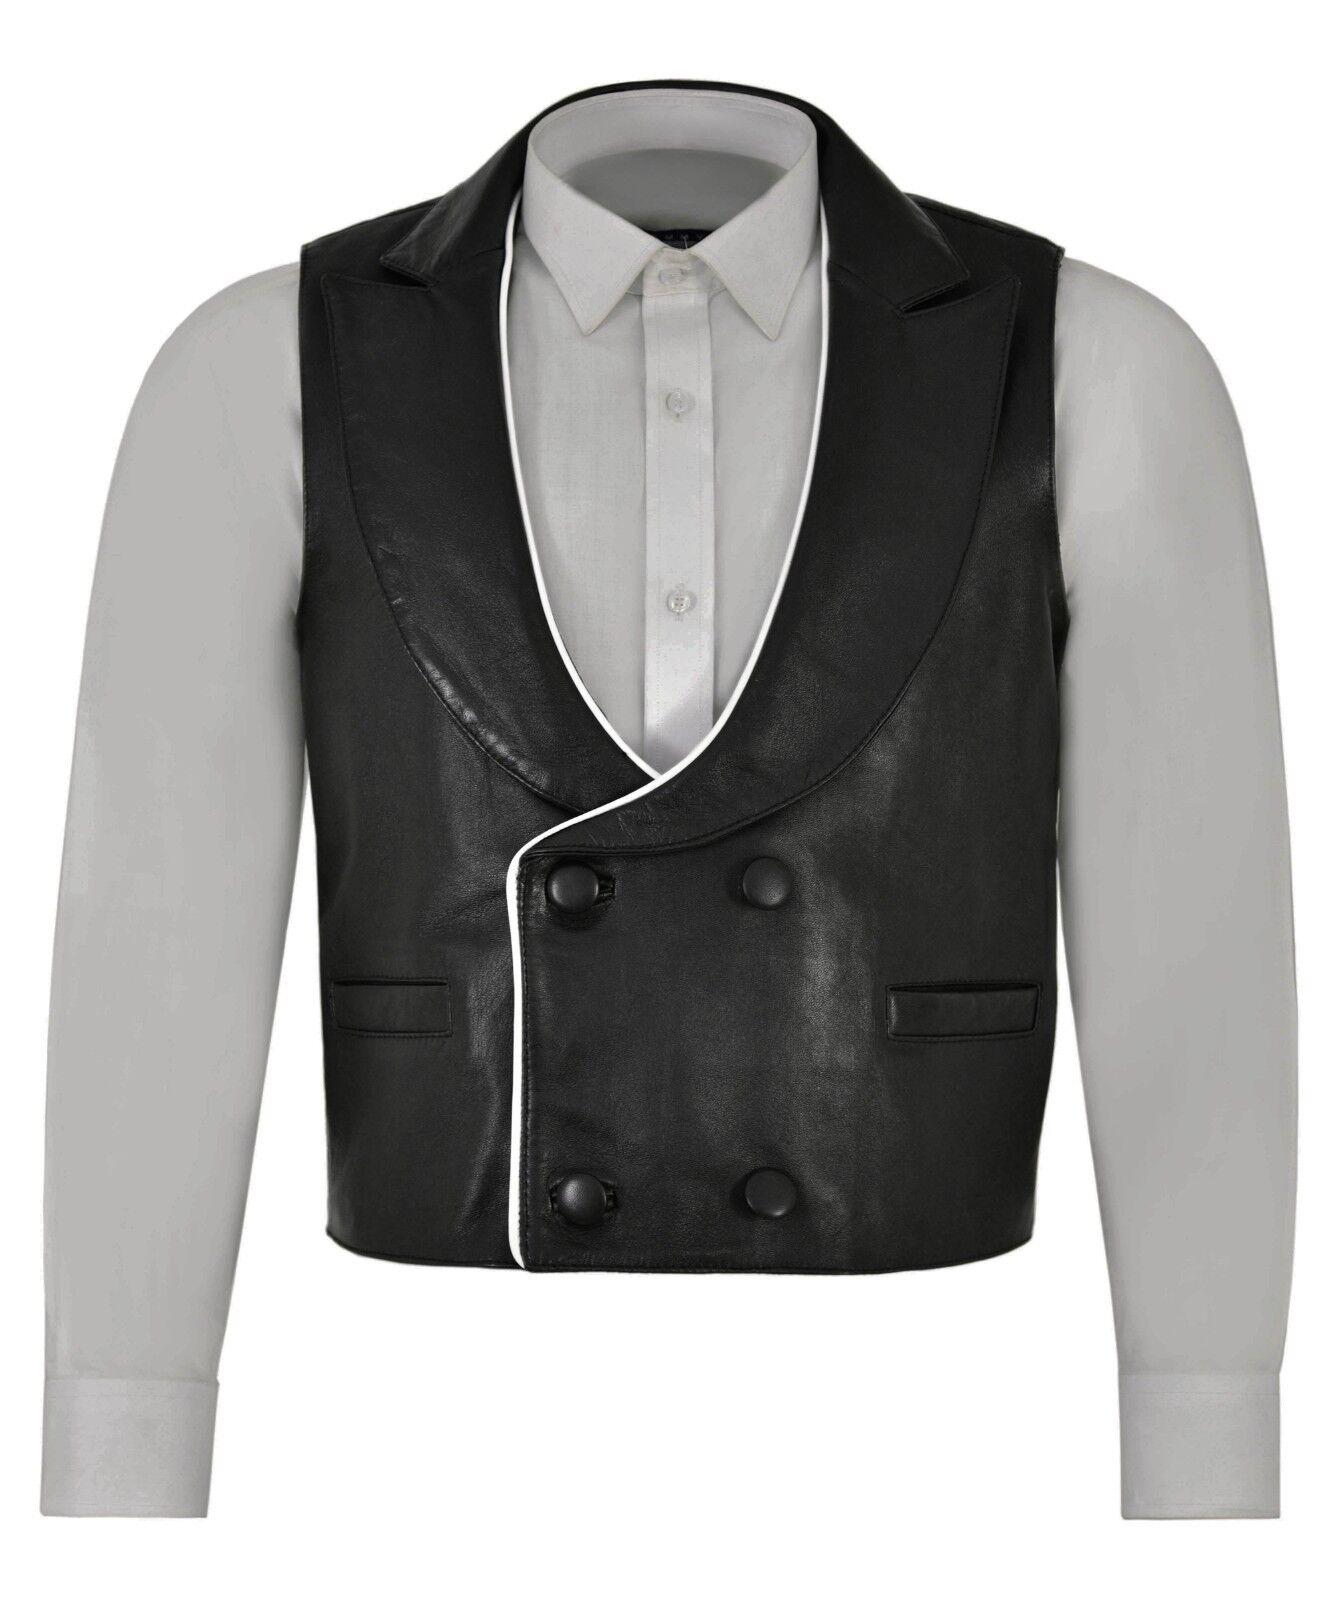 Hombres Chaleco De Cuero Verdadero Napa  Negro Con blancoo Recortar Steampunk estilo 3281-B  grandes ofertas